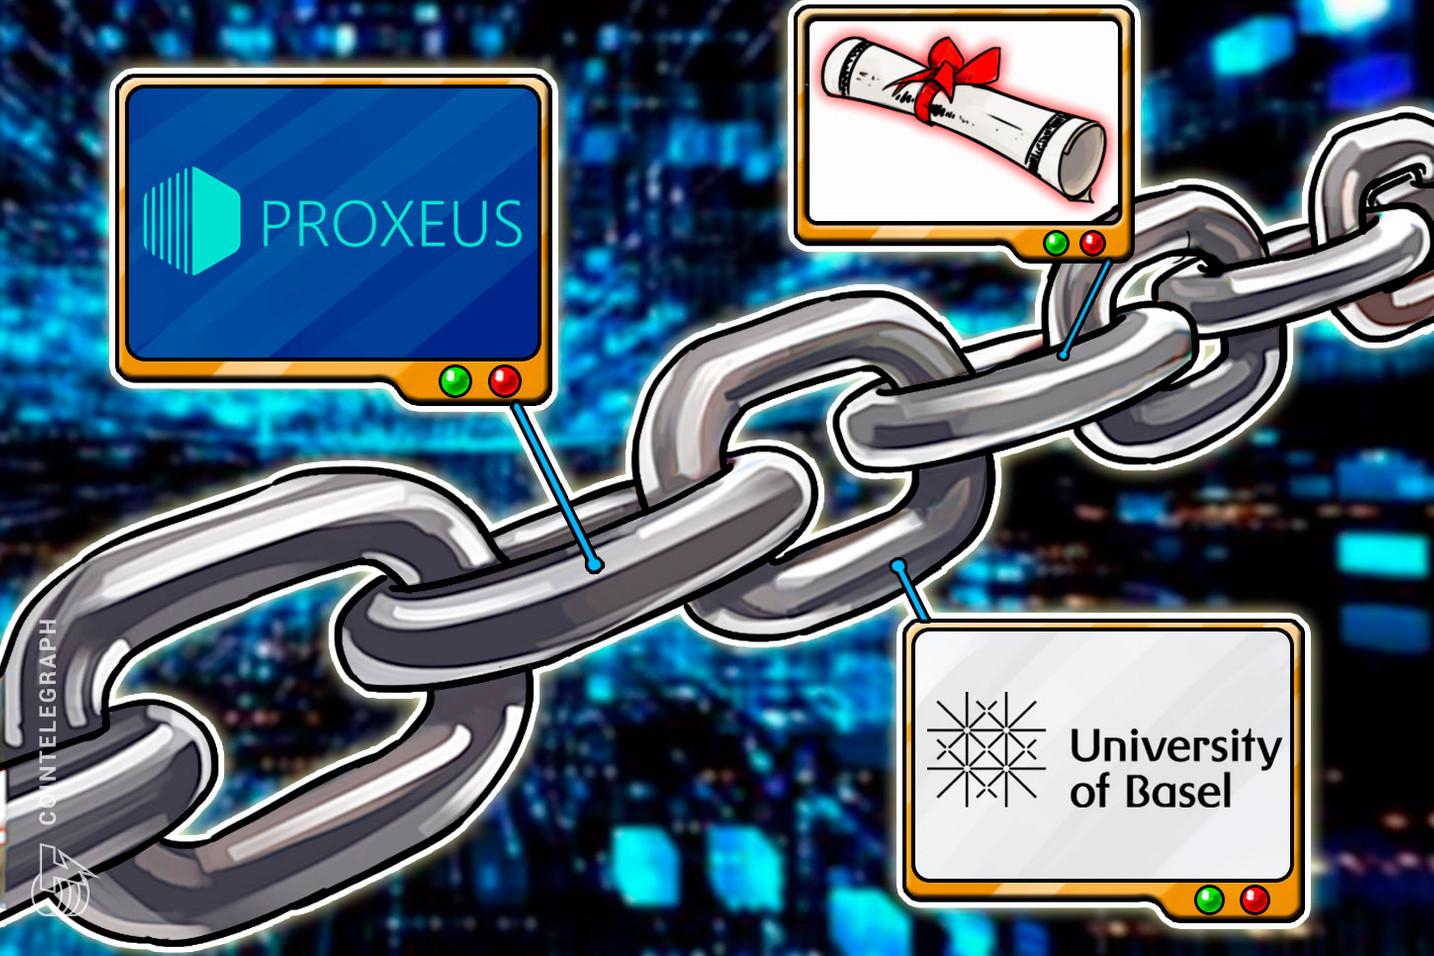 Uni Basel verwaltet Kurs-Zertifikate von Studenten auf Ethereum-Blockchain